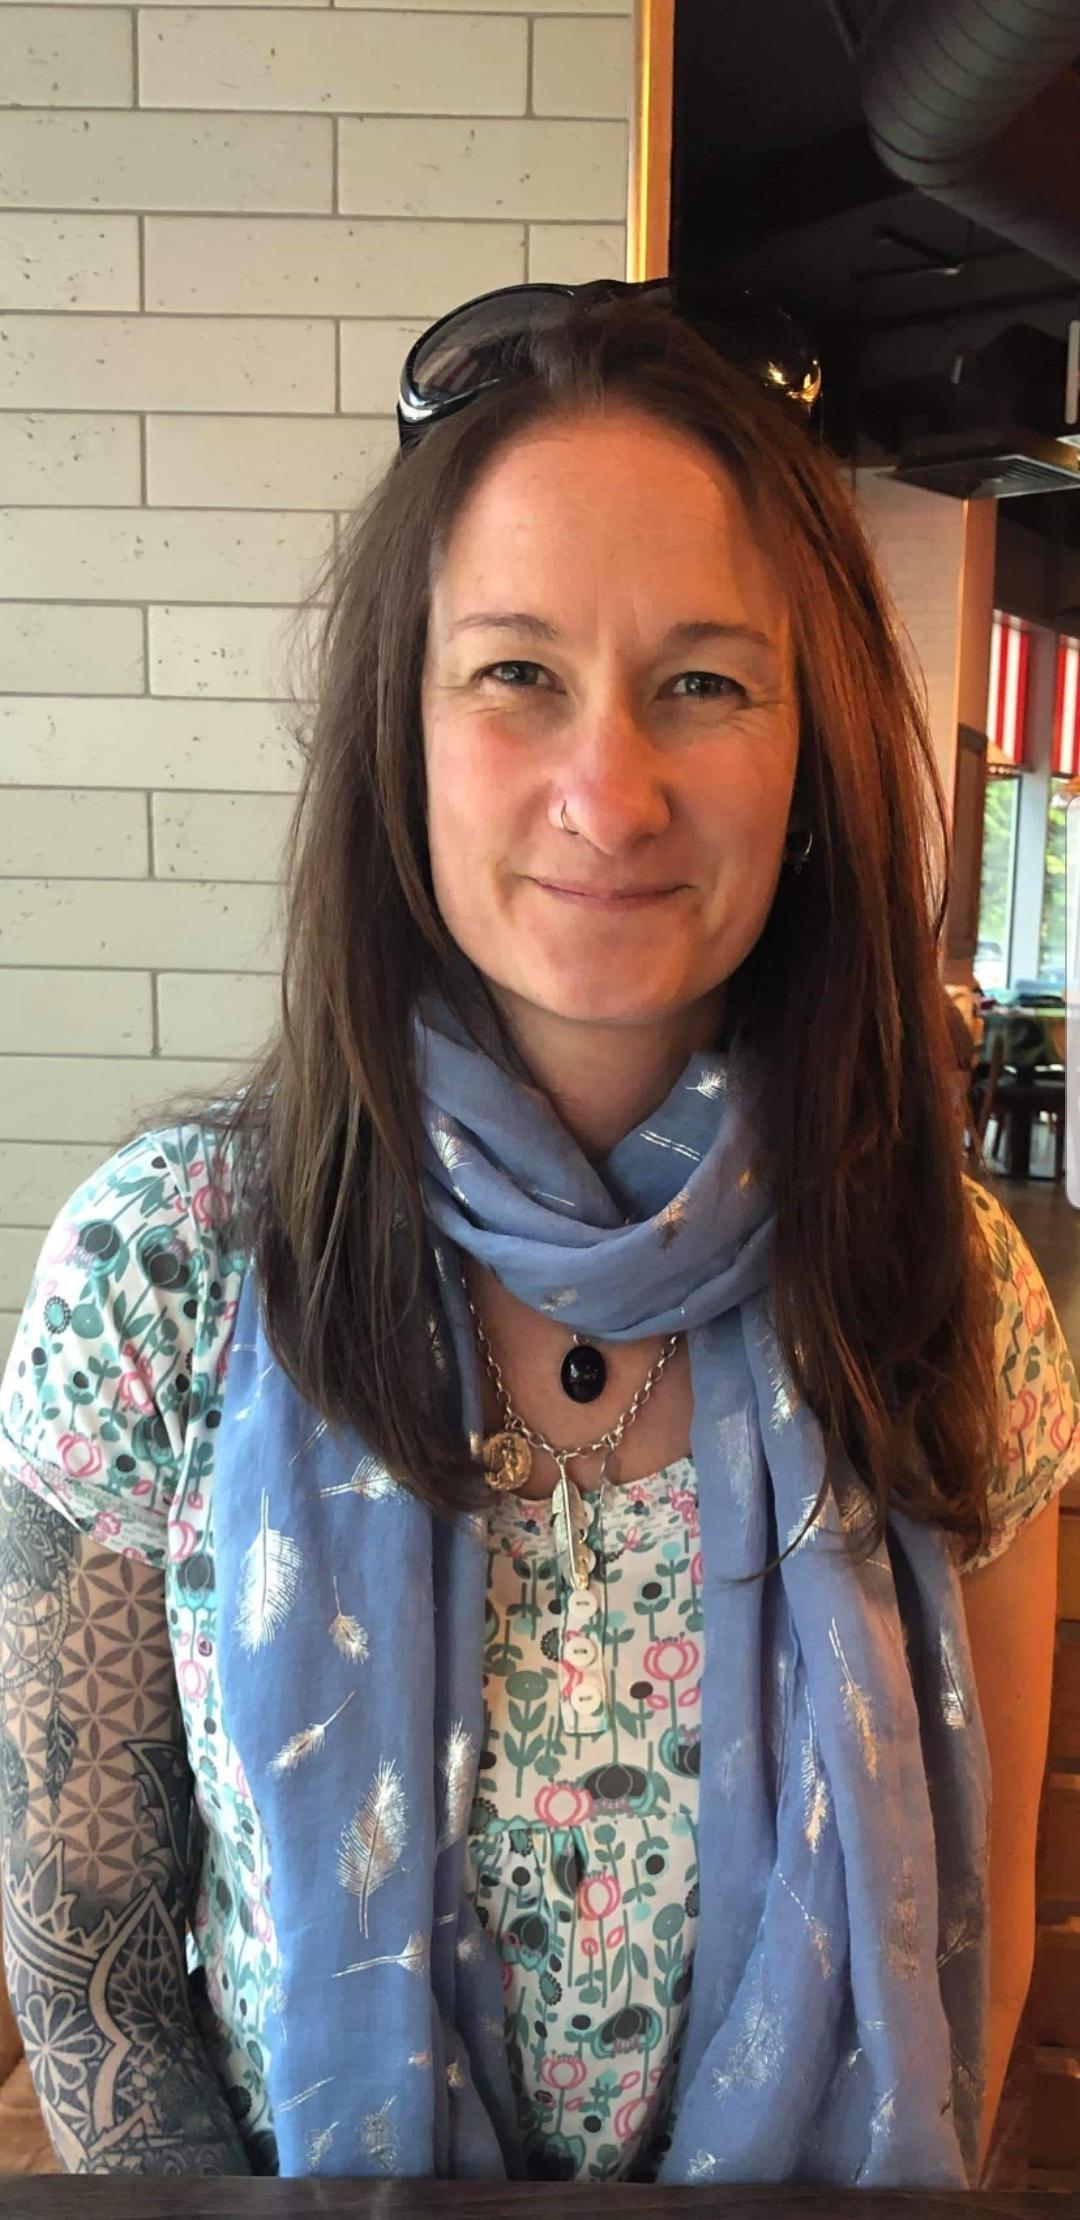 Samantha Colmer